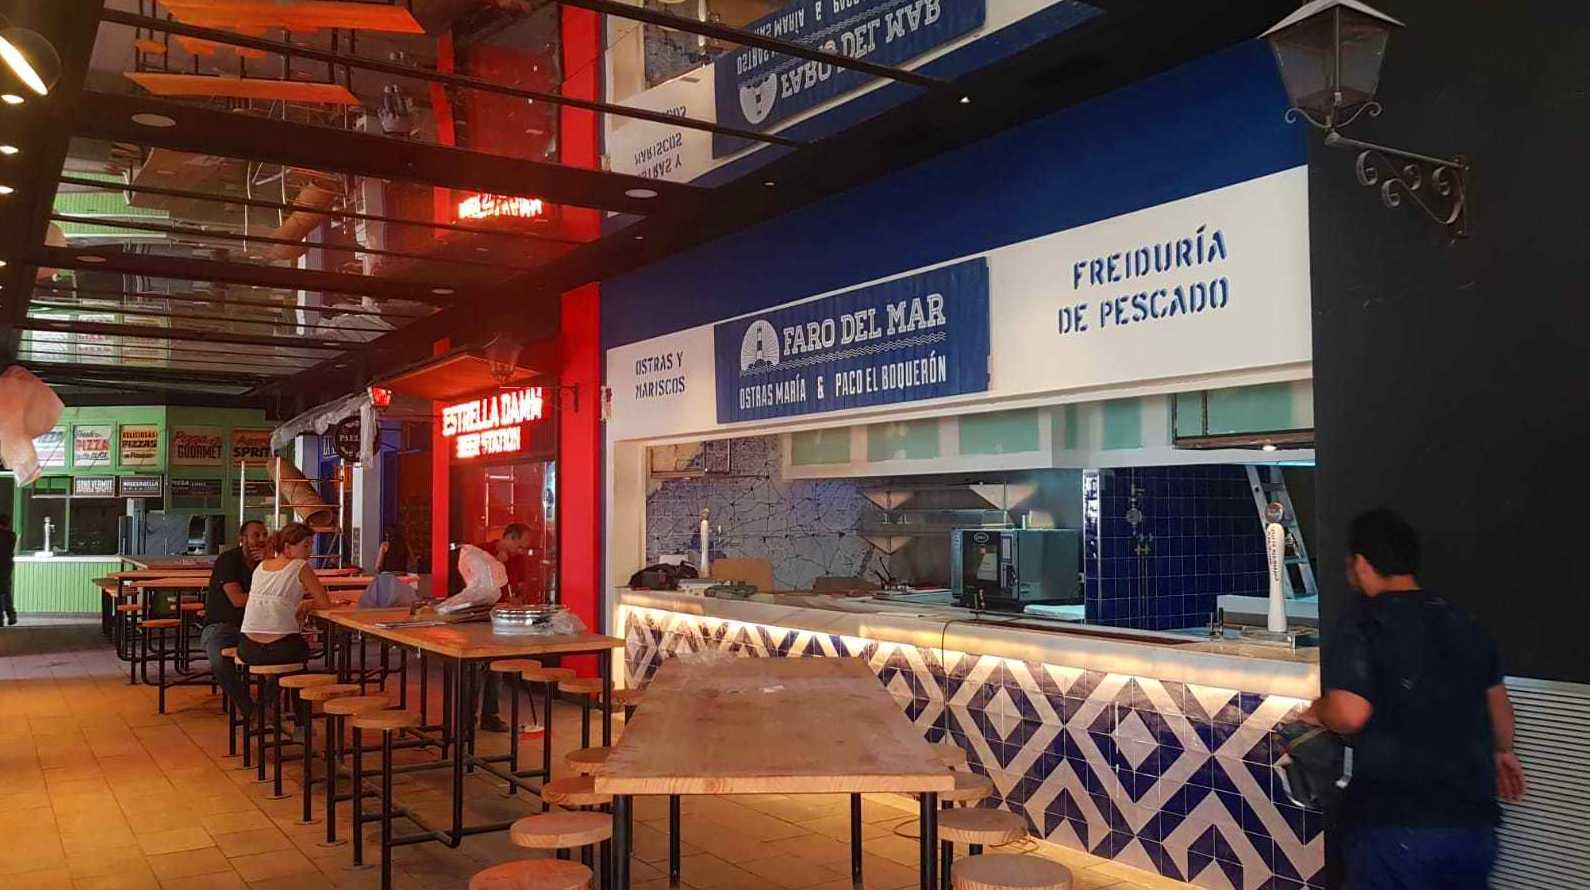 Carpintería y montajes Centro Comercial Magaluf, Palma de Mallorca